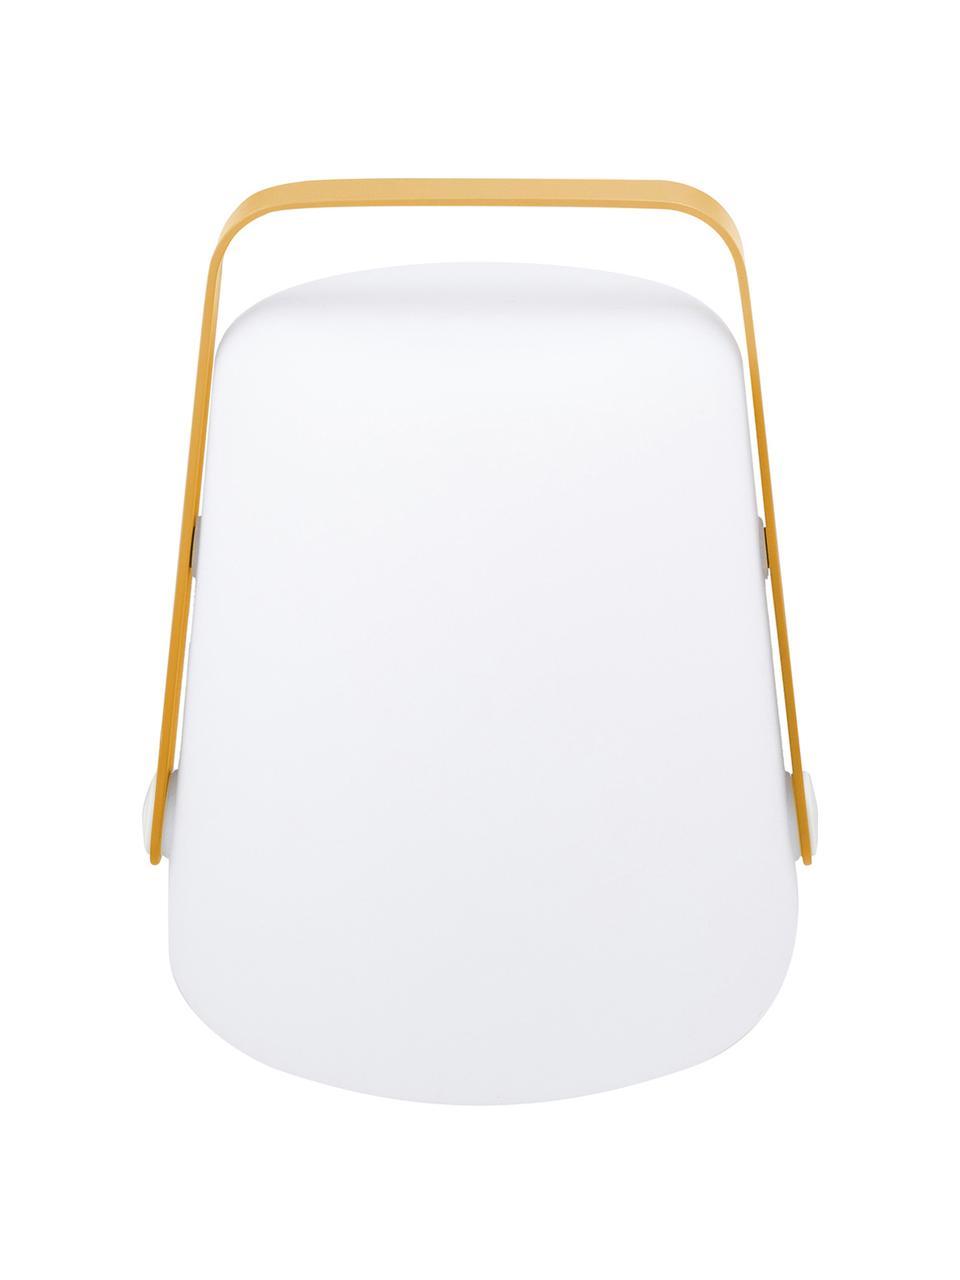 Venkovní přenosné LED svítidlo Balad, Žlutá